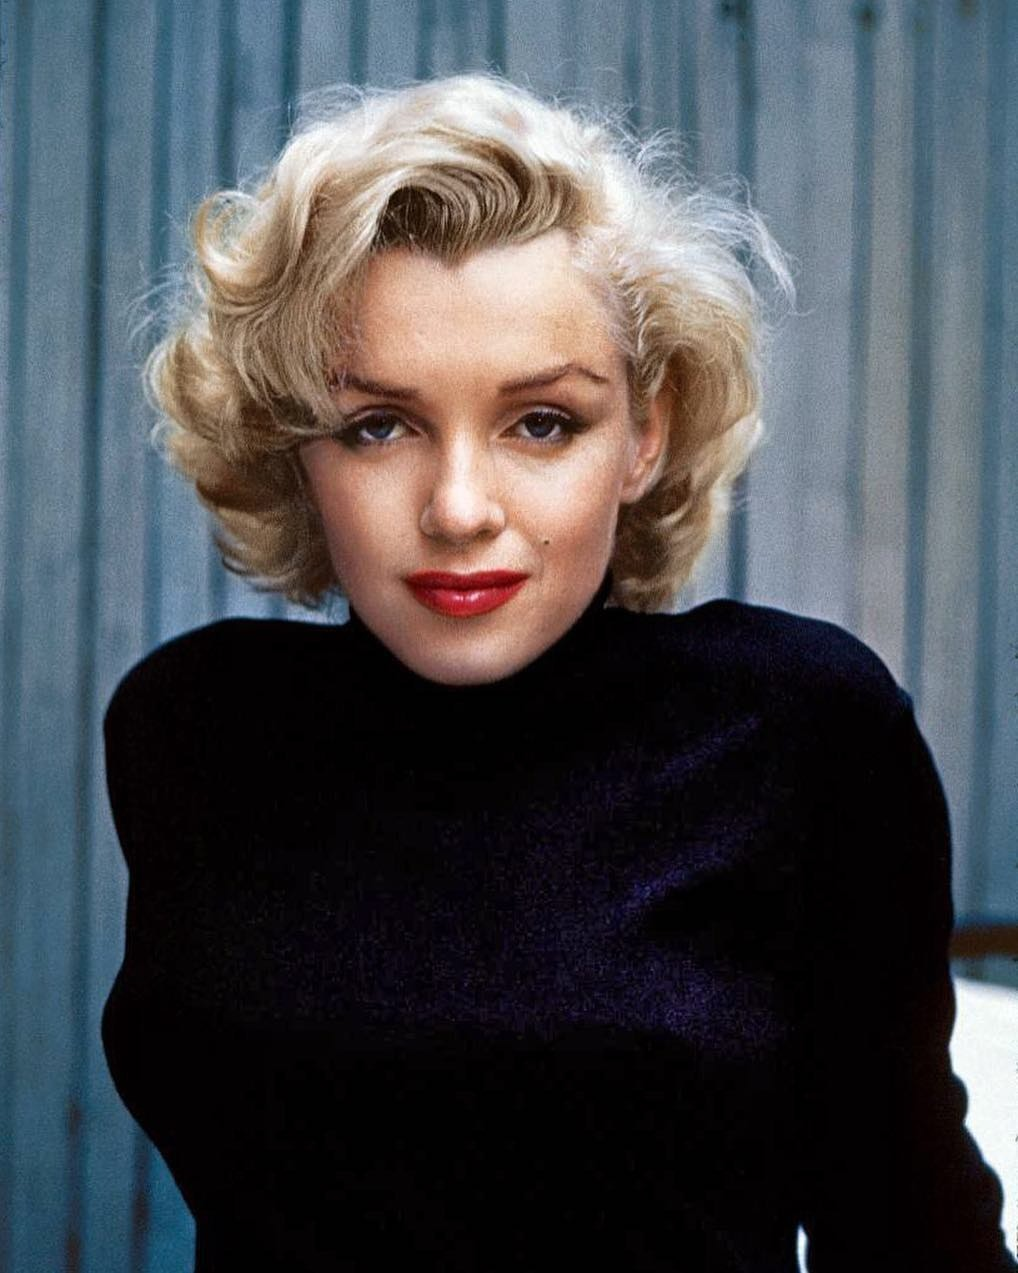 К несчастью, пророчество девушки сбылось: Мэрилин Монро умерла ввозрасте 36 лет. Вночь с4 на5 августа 1962 актриса приняла большую дозу снотворного ибольше непроснулась. Оее зависи...